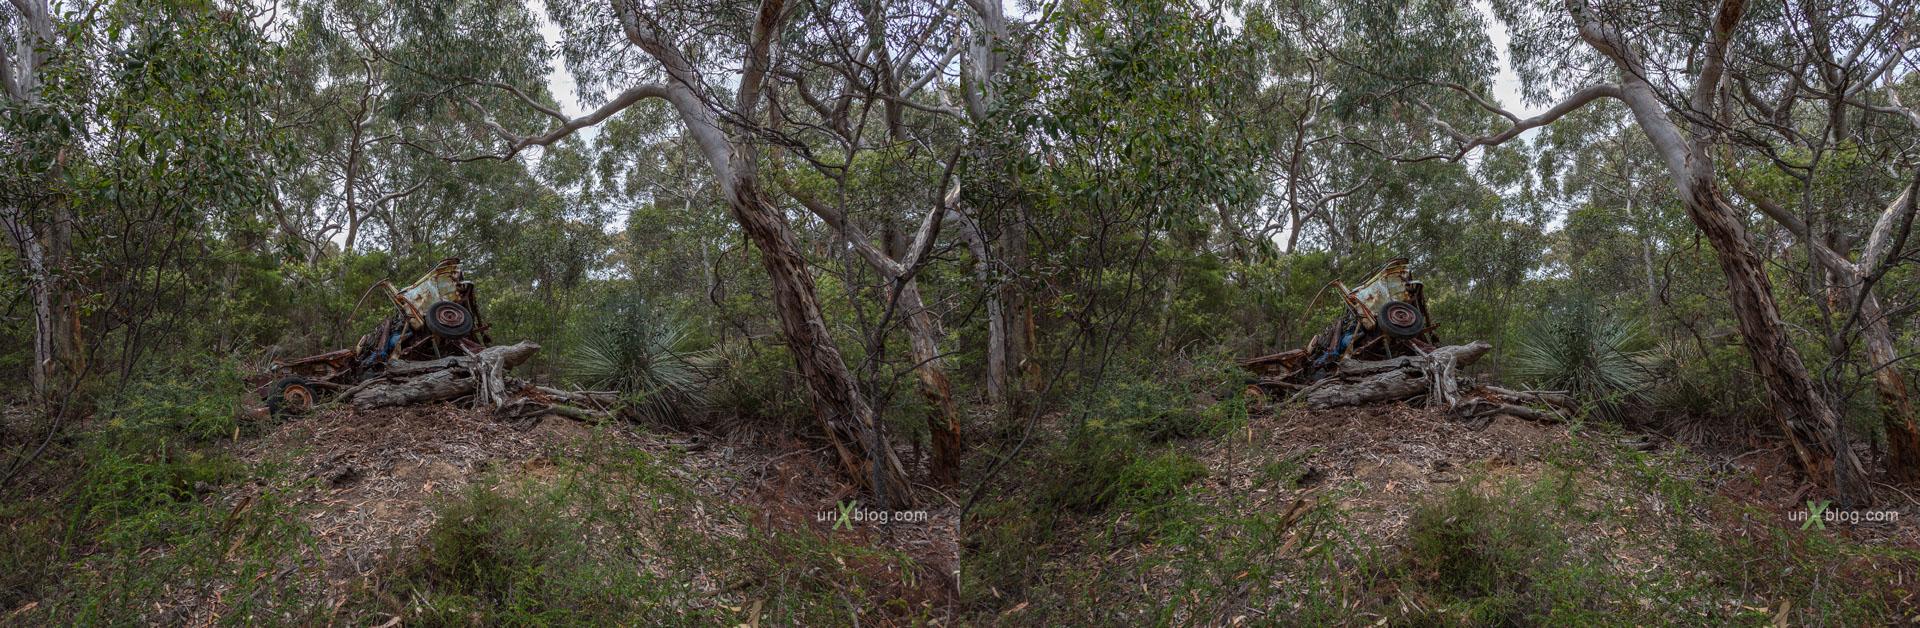 дорога, лес, Kelly Hill Conservation Park, остров Кенгуру, Австралия, 3D, перекрёстная стереопара, стерео, стереопара, 2011